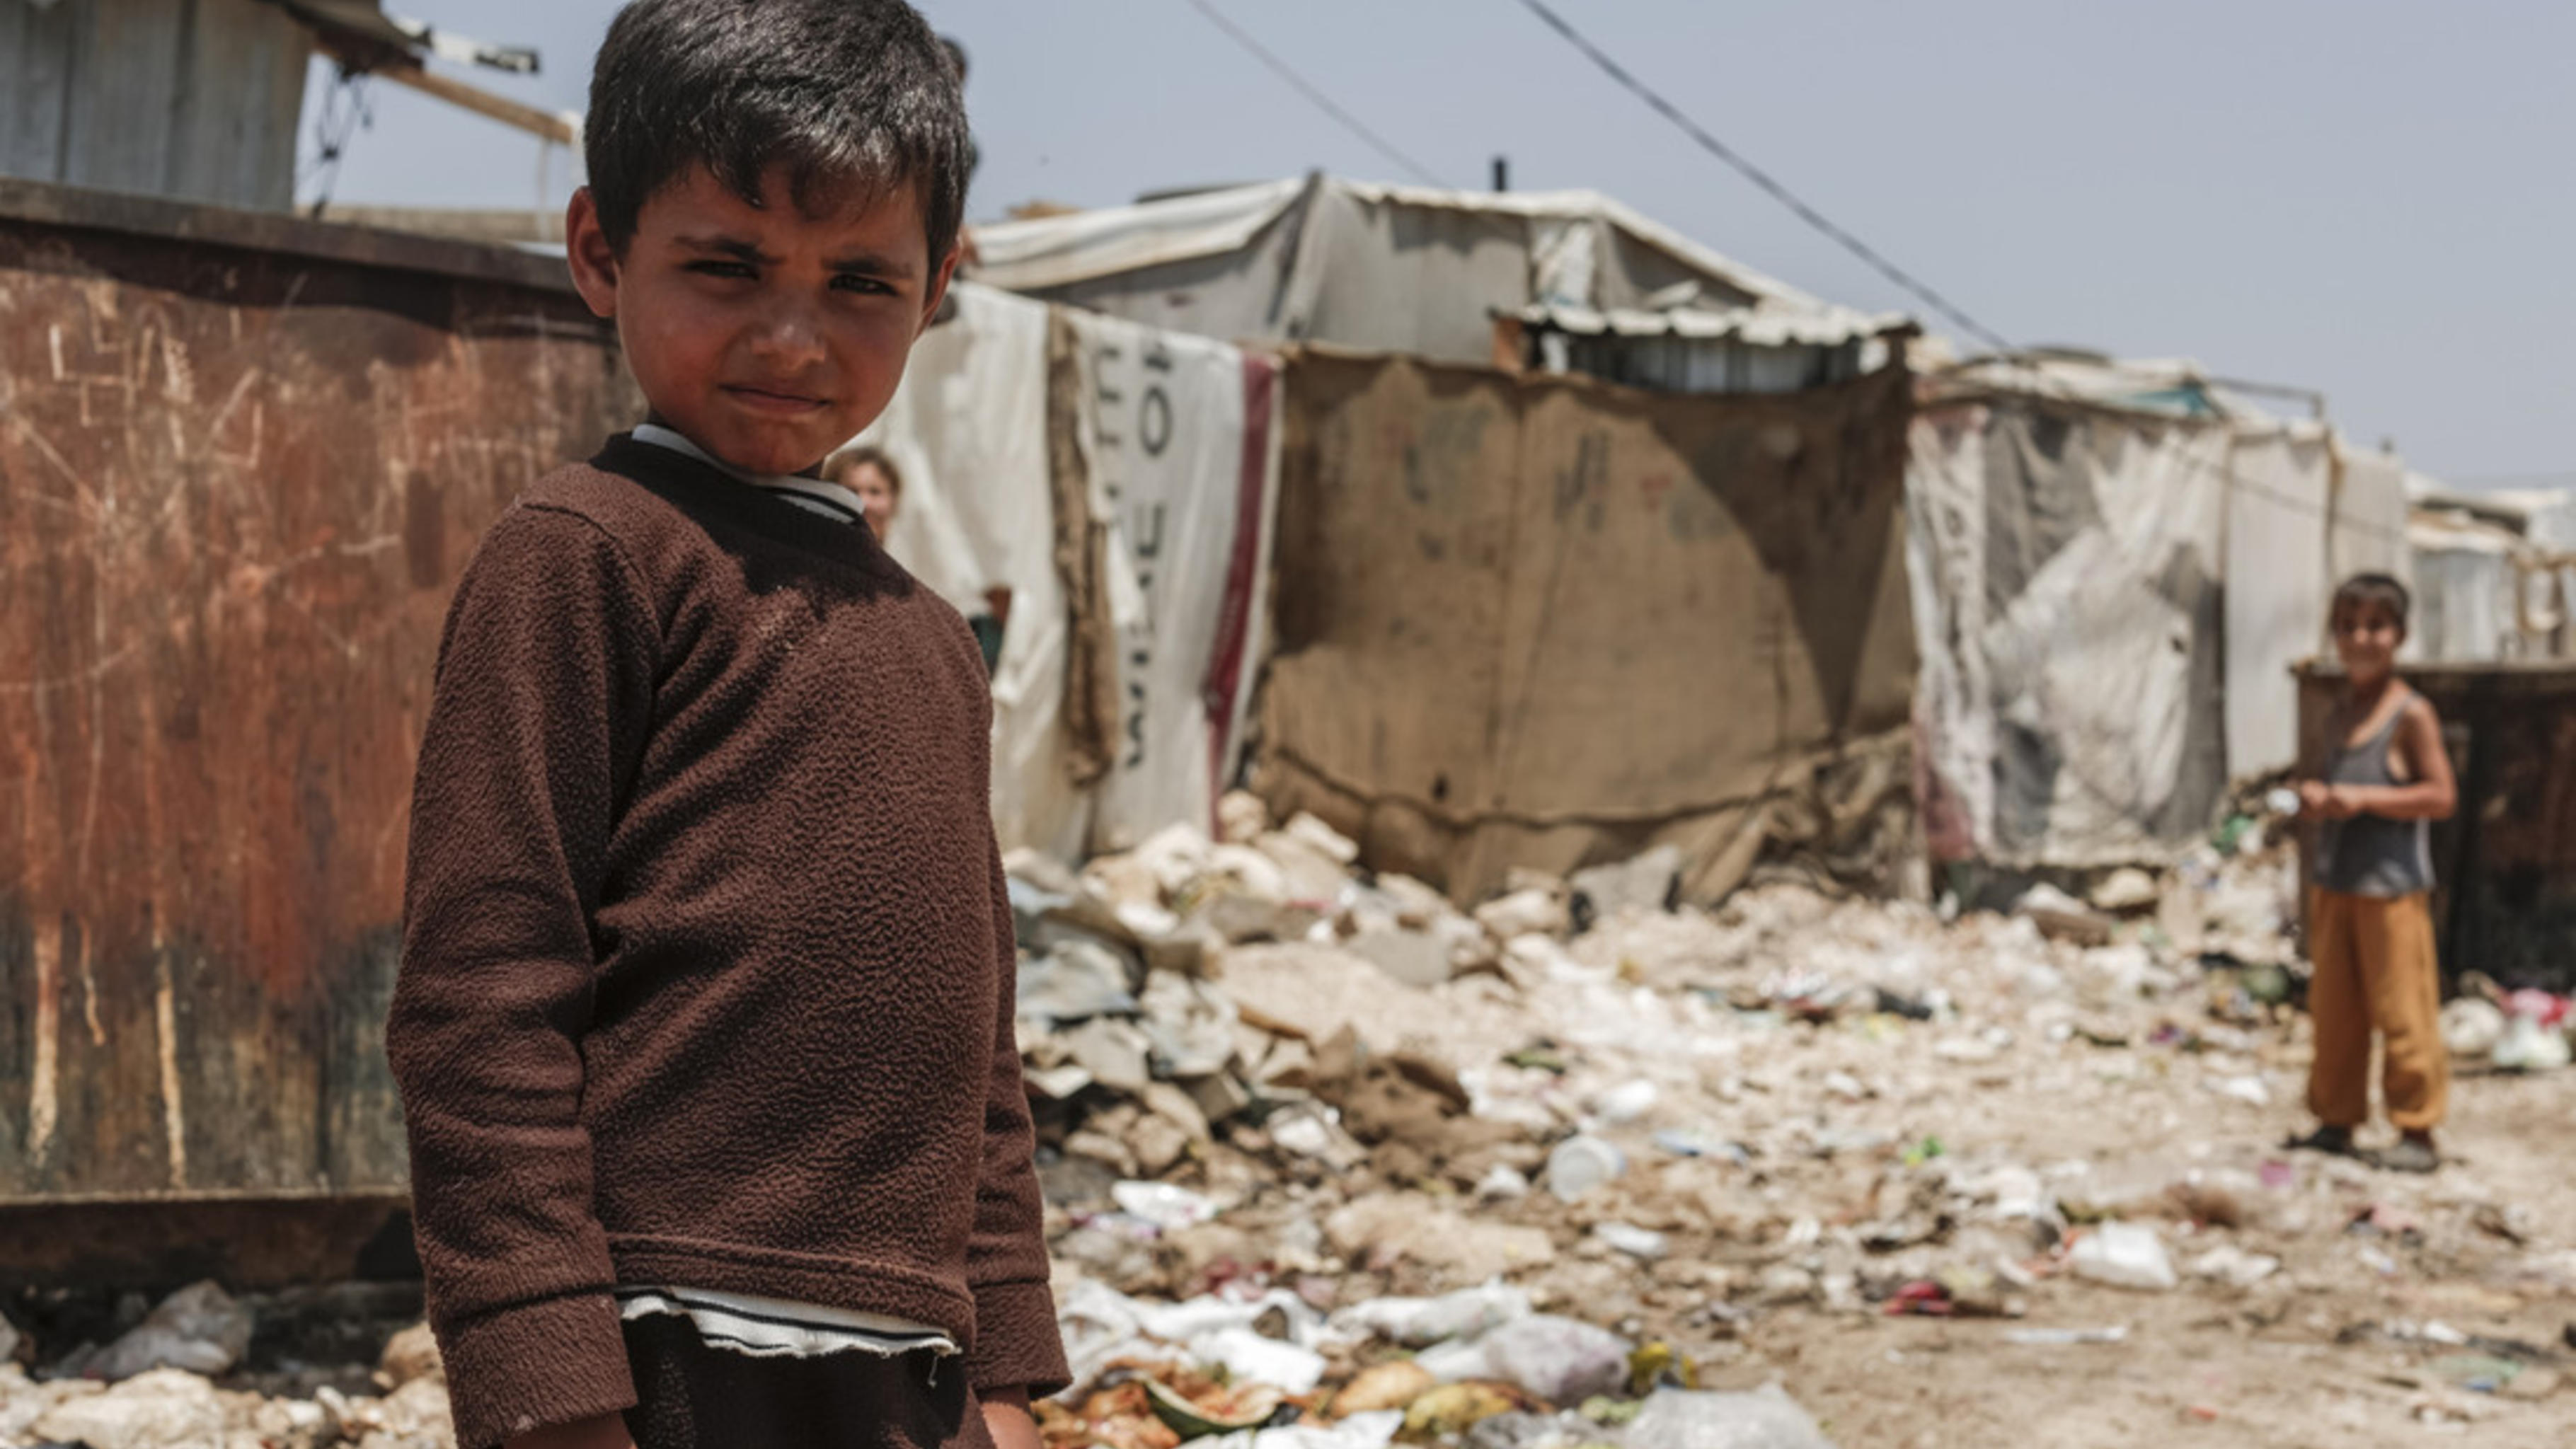 Ein Kind in einem Flüchtlingscamp blickt in die Kamera